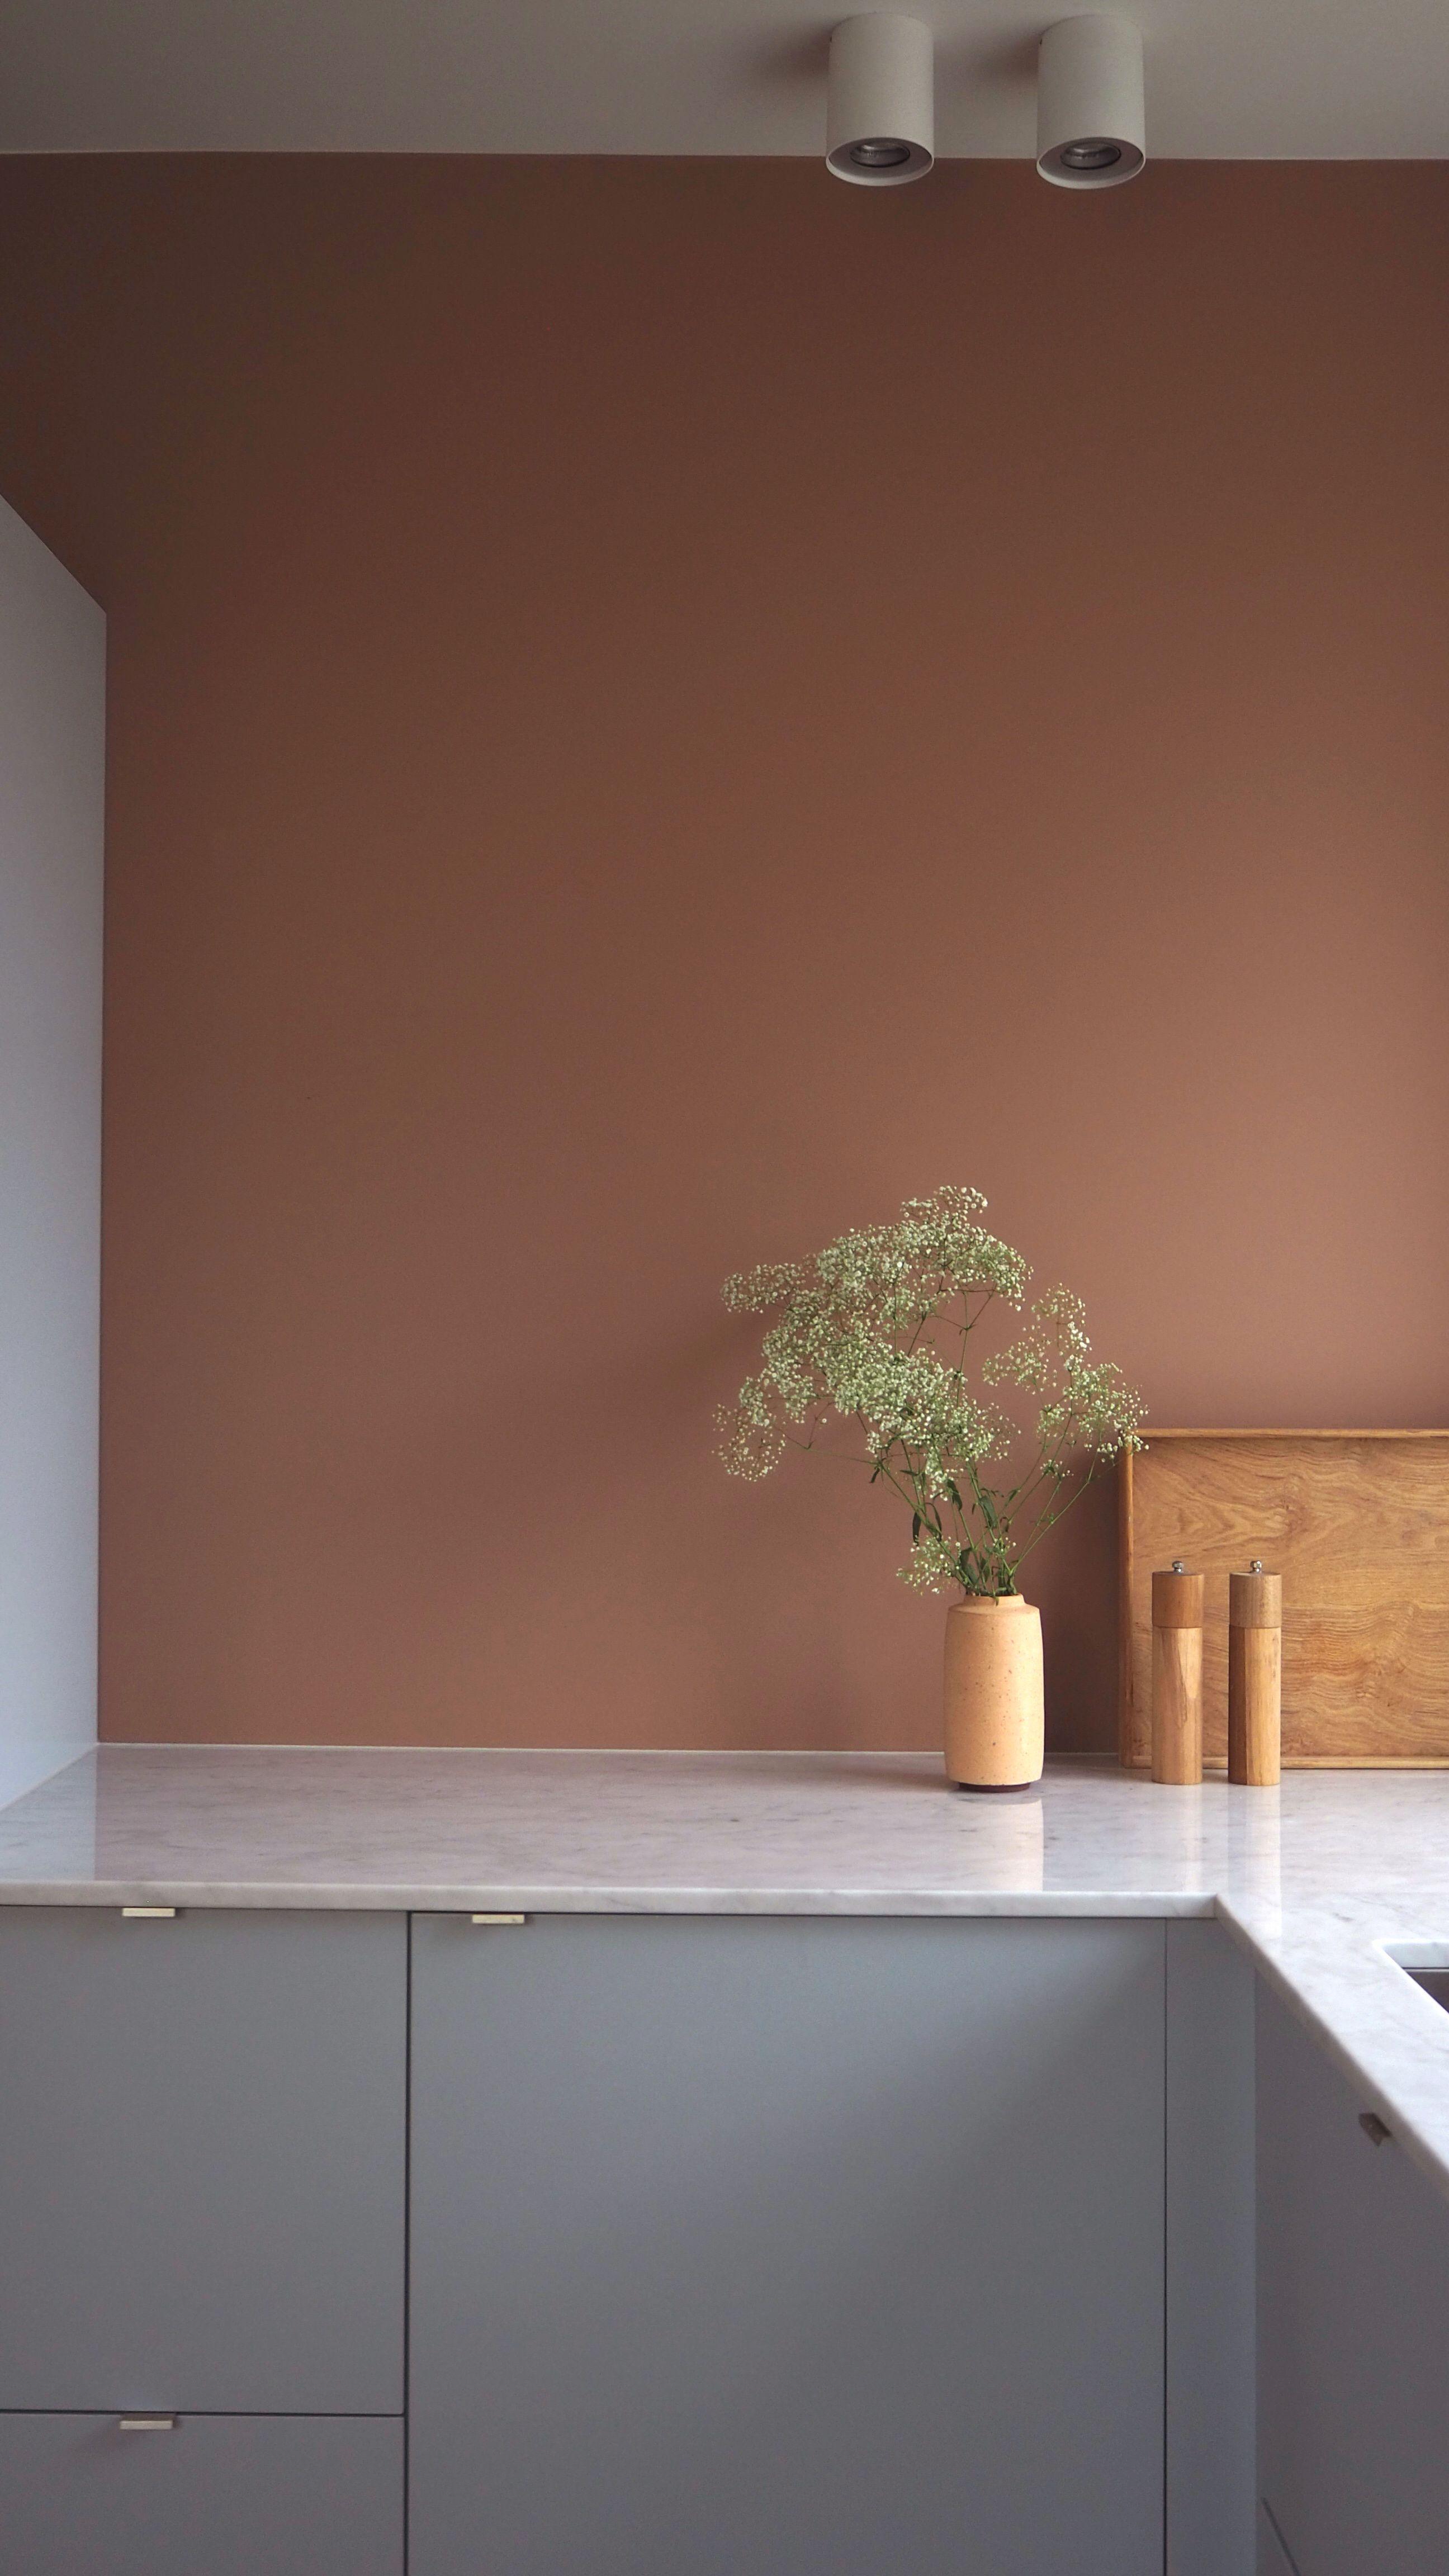 Alex Ark interior.  Home decor kitchen, Home decor styles, Quirky